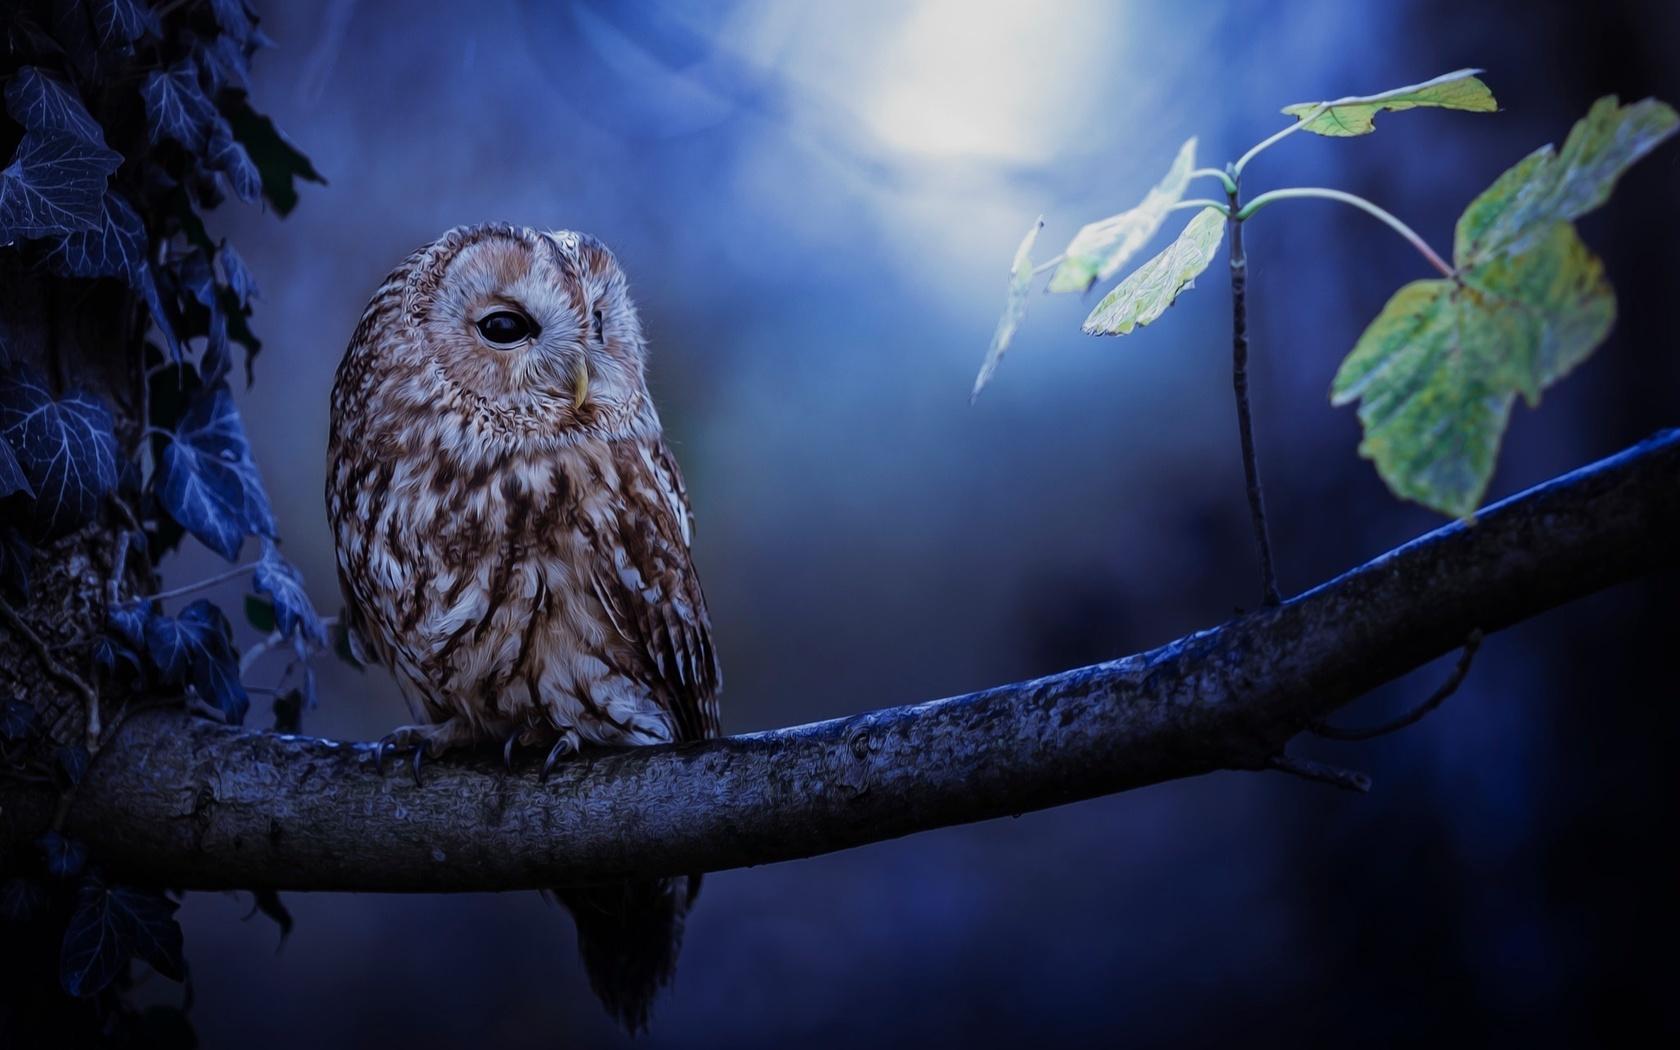 птицы мира, птица, сова, ветка, листья, ночь